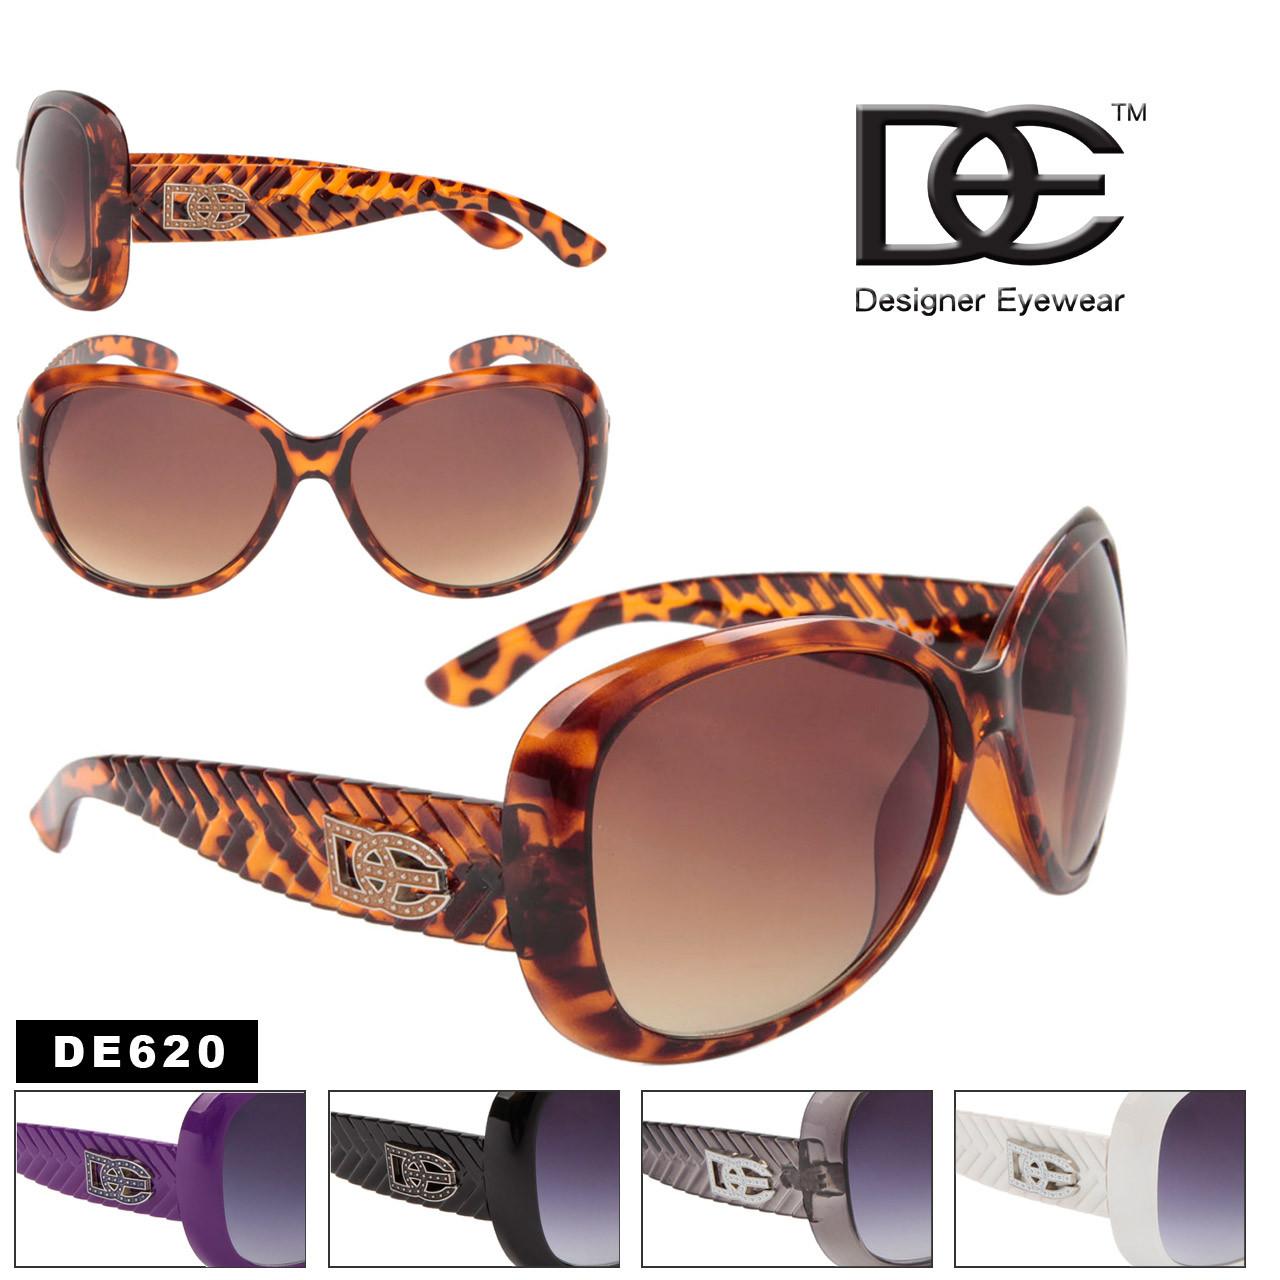 DE620 Wholesale Fashion Sunglasses